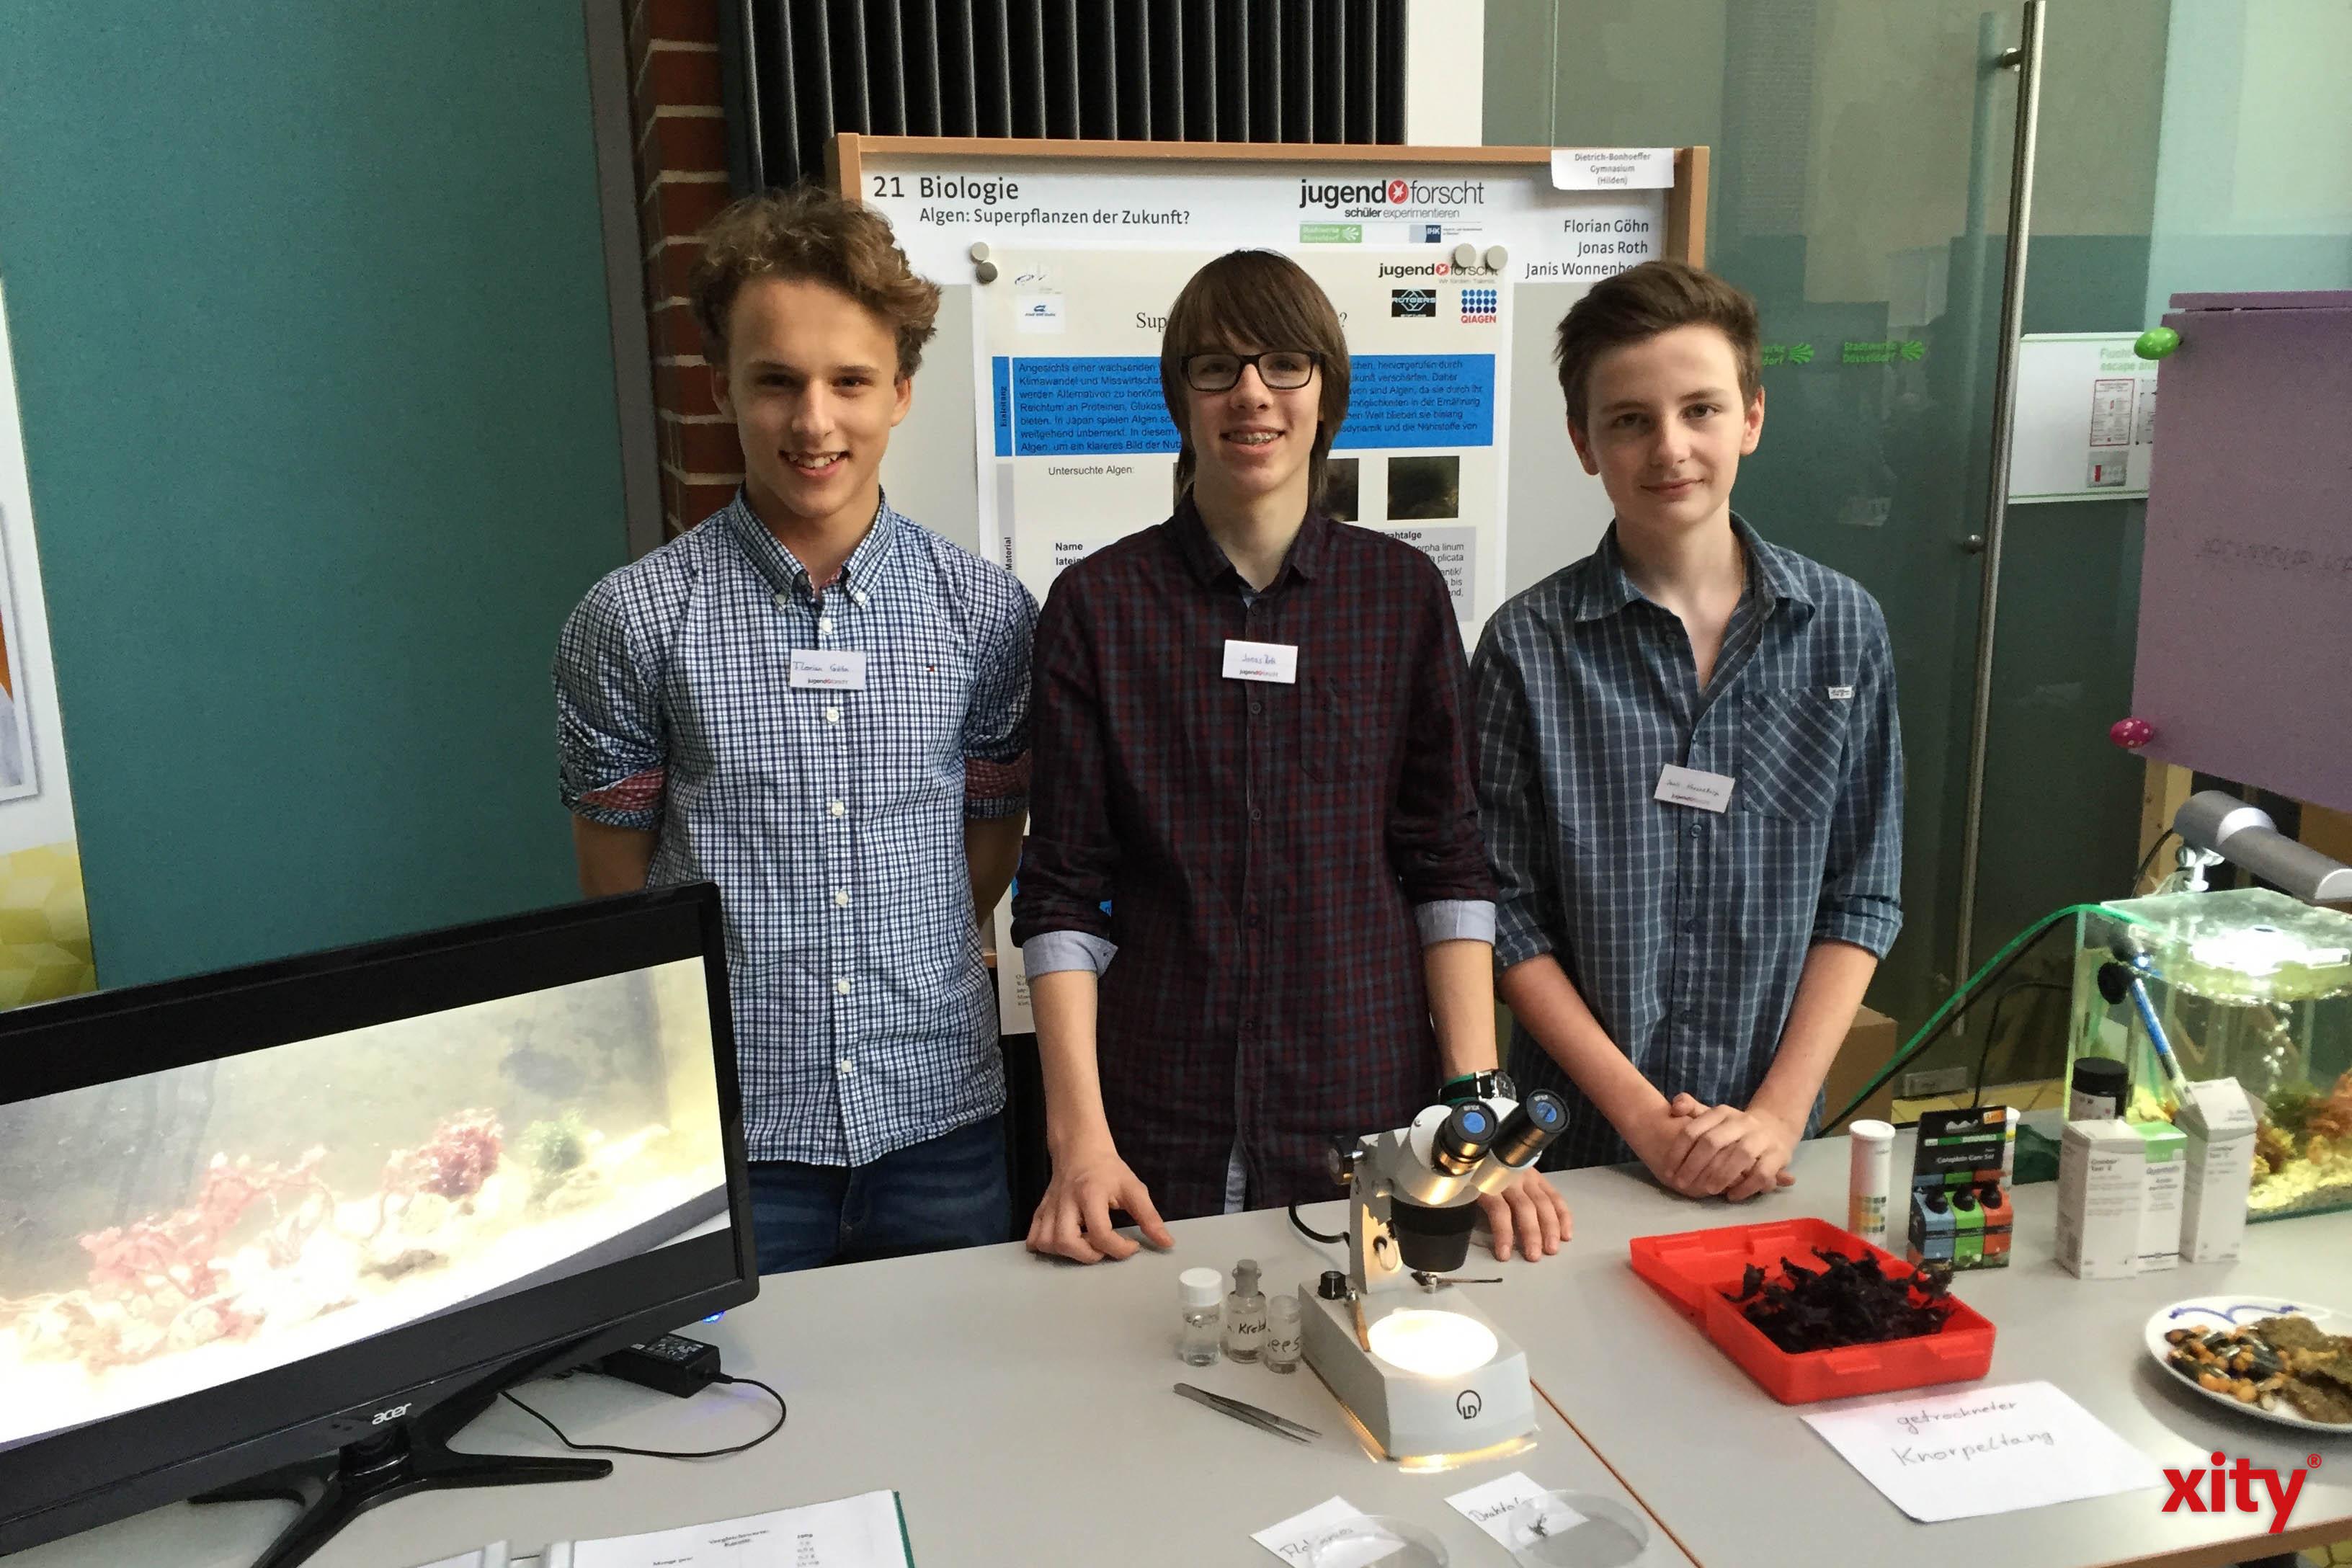 Jugend Forscht zu Gast bei den Stadtwerken (Foto: xity)